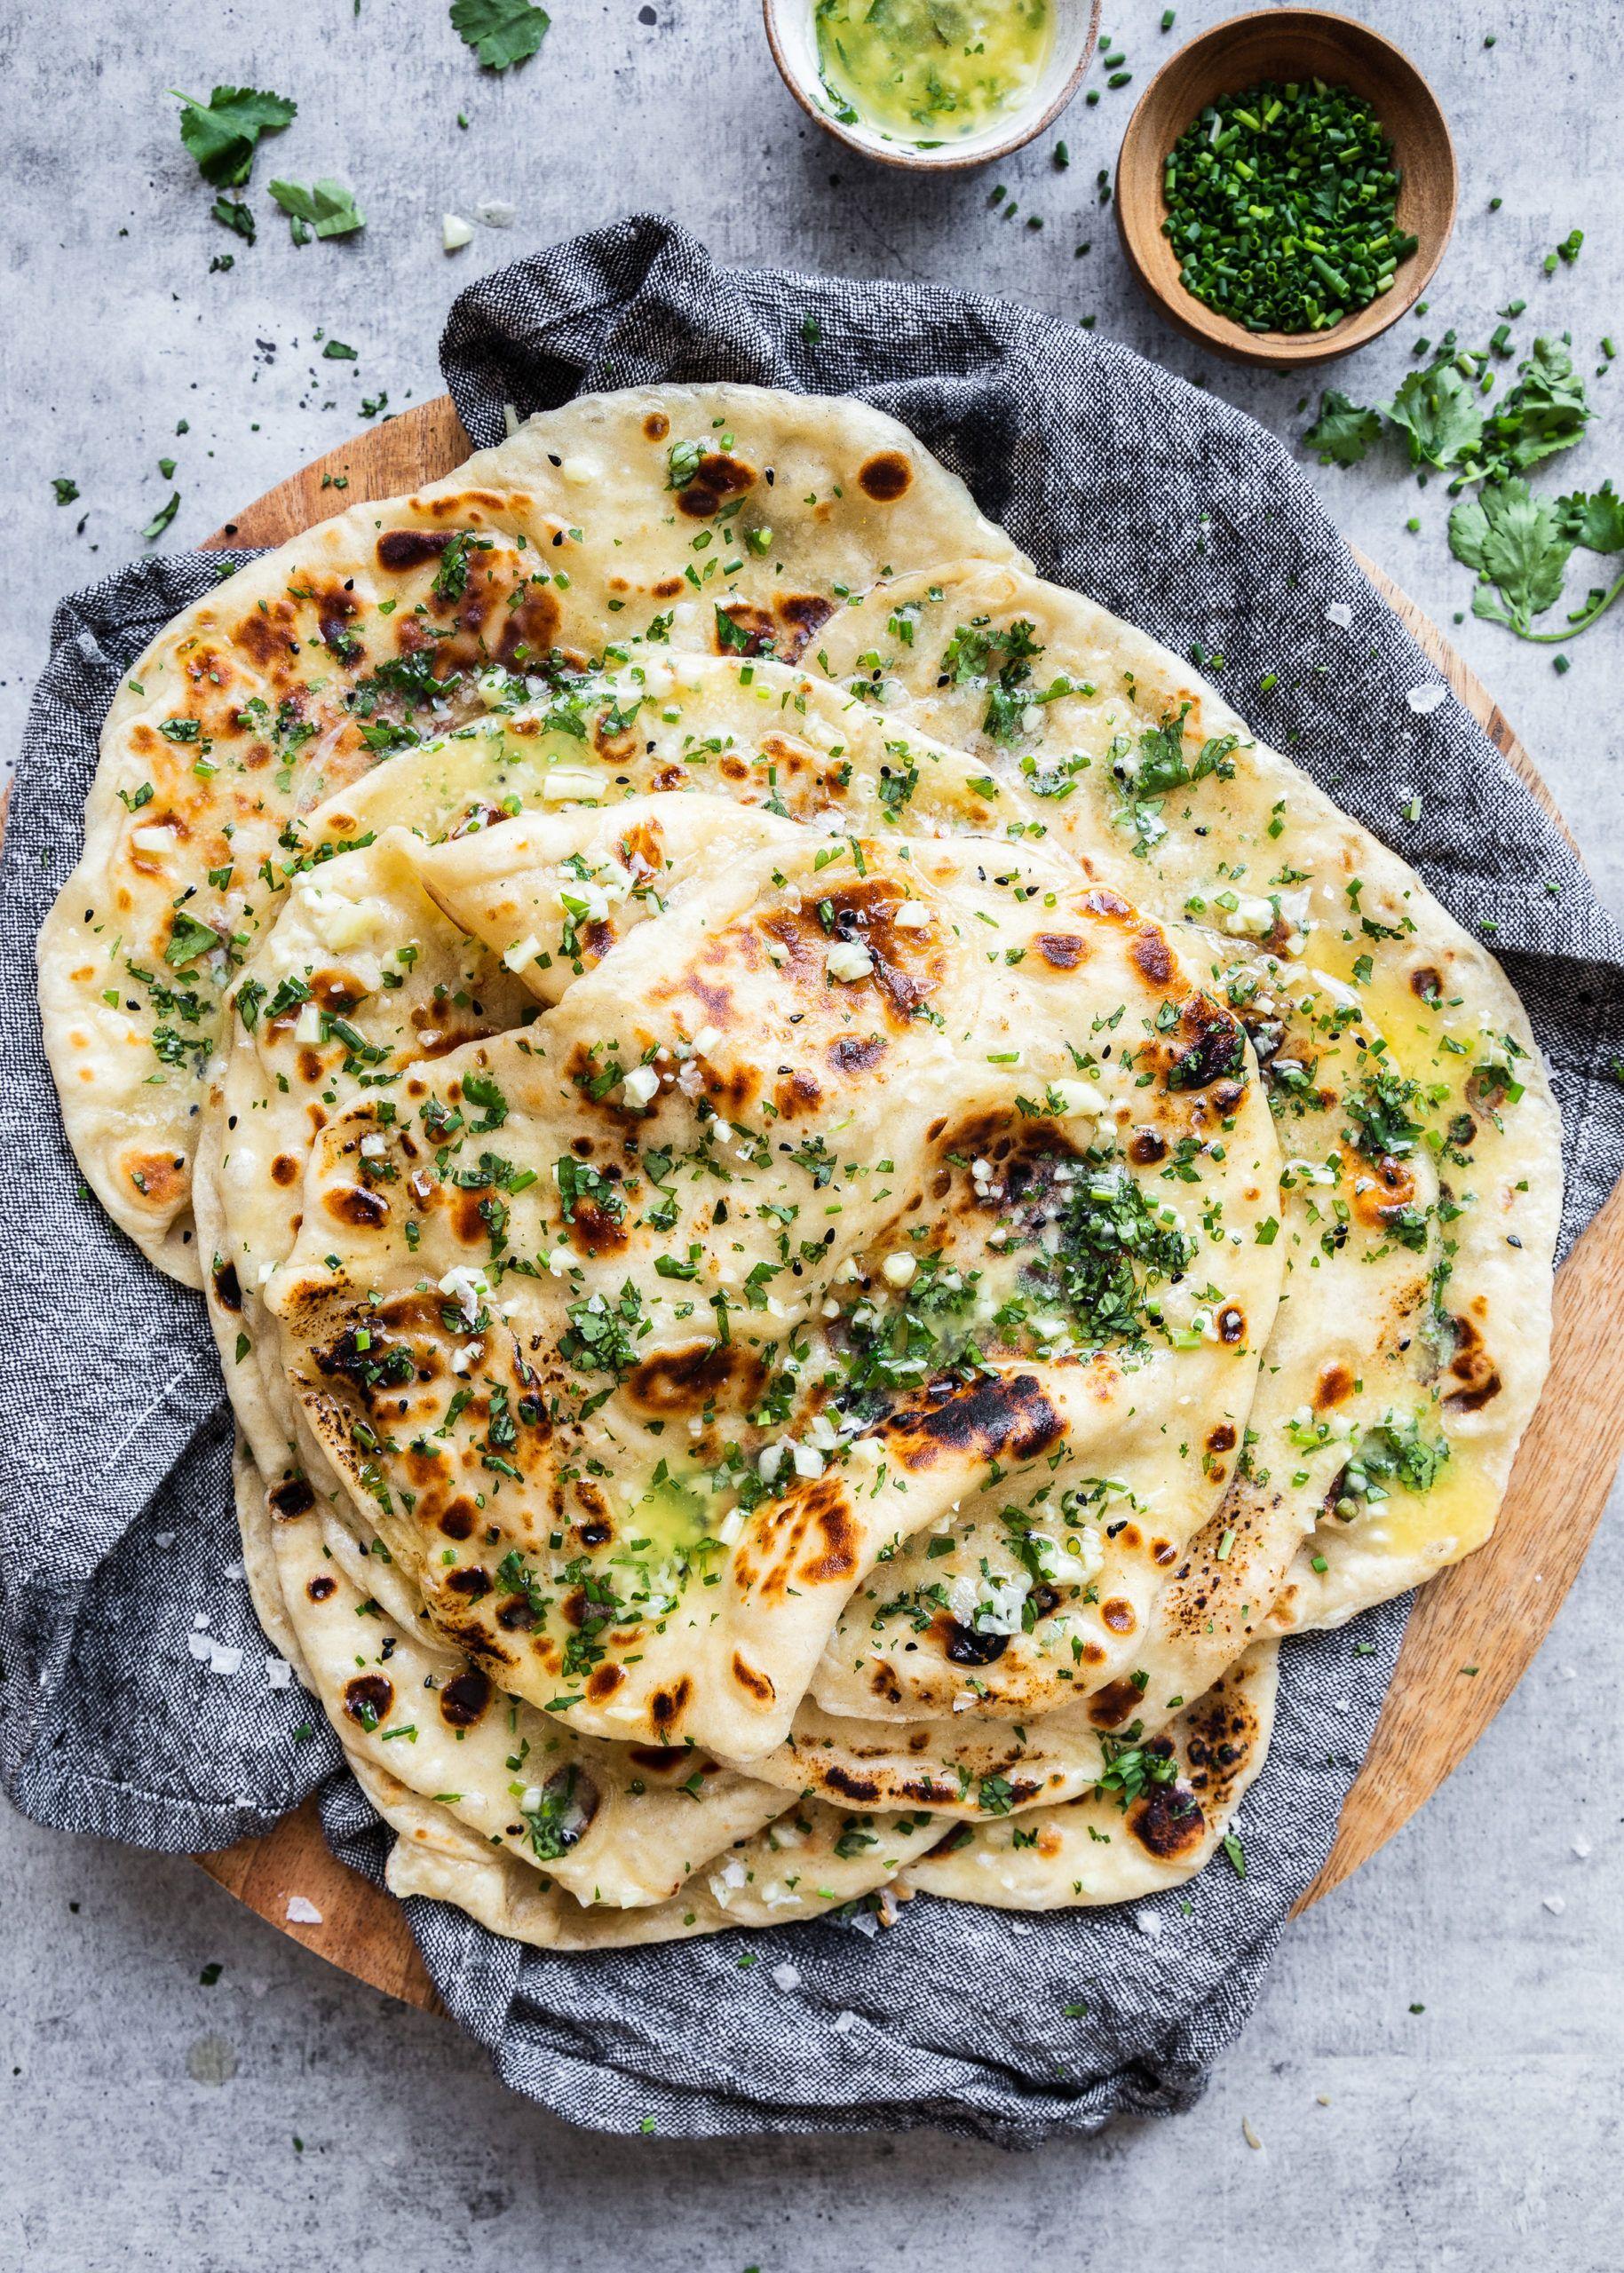 Food Photography - Rachel Gurjar in 2020 | Garlic naan ...